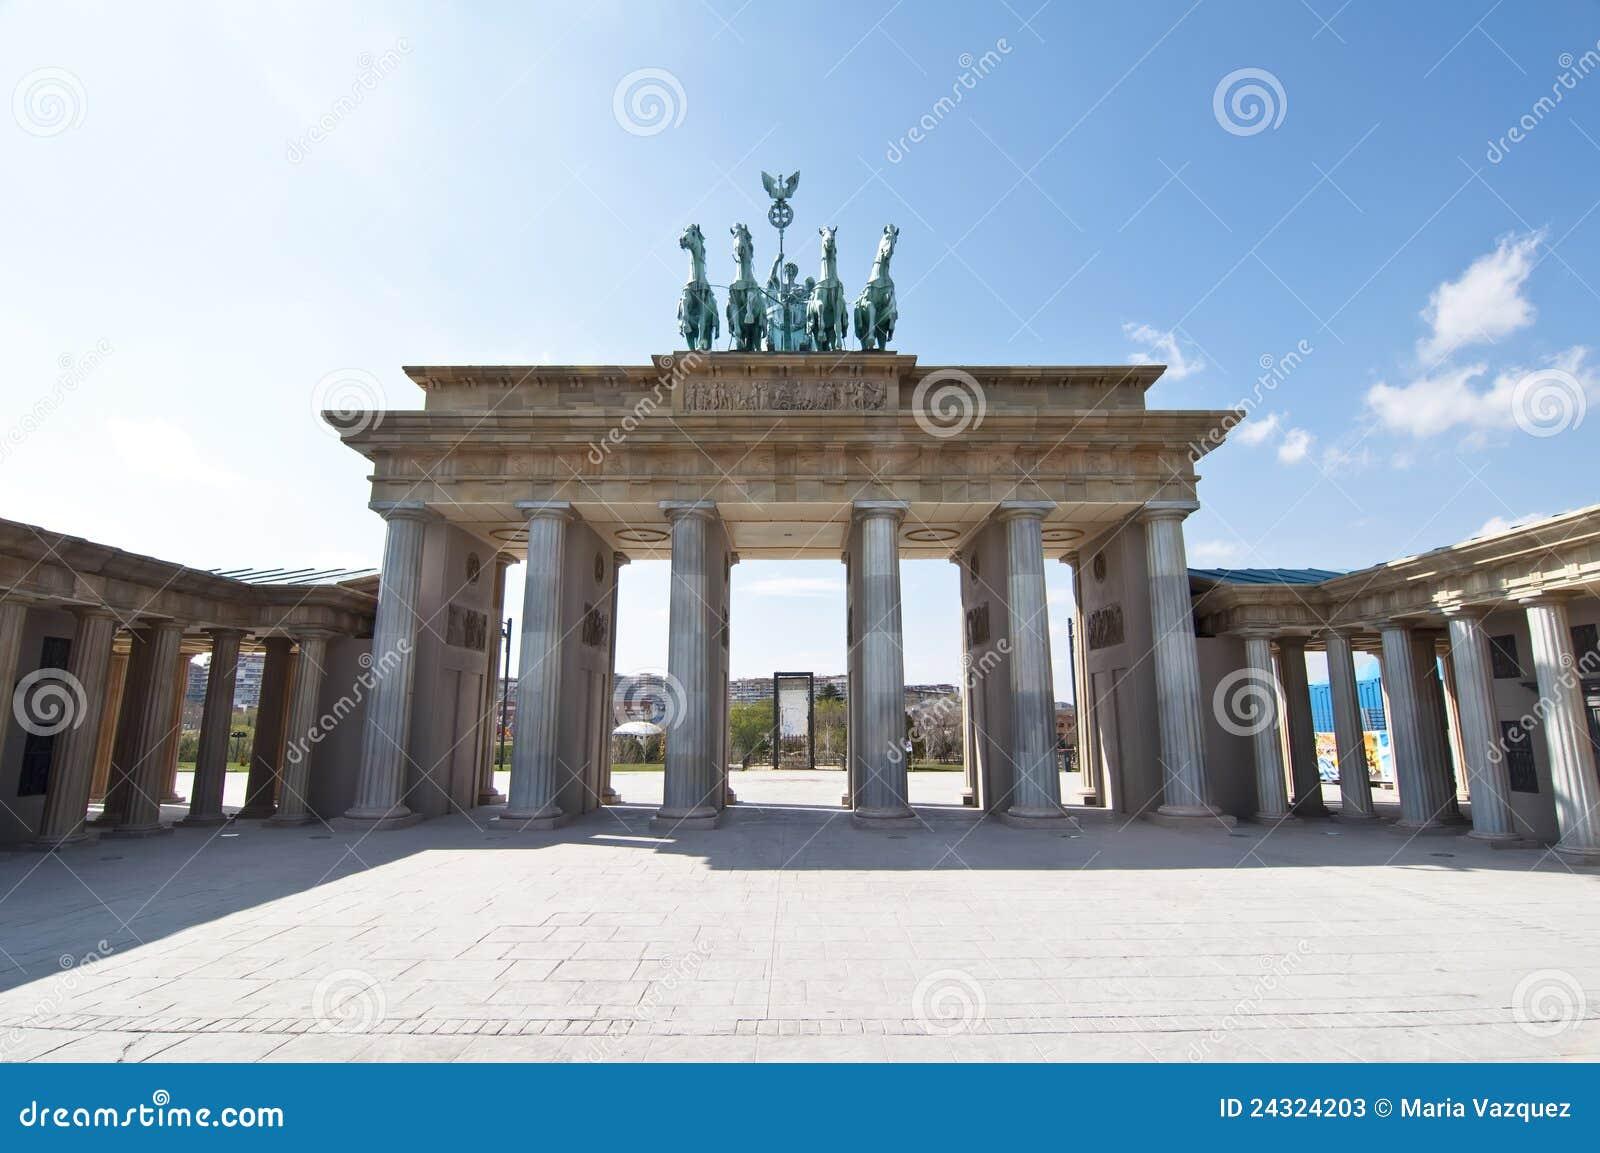 Puerta de Brandenburgo en escala en el parque del Europa, Madrid